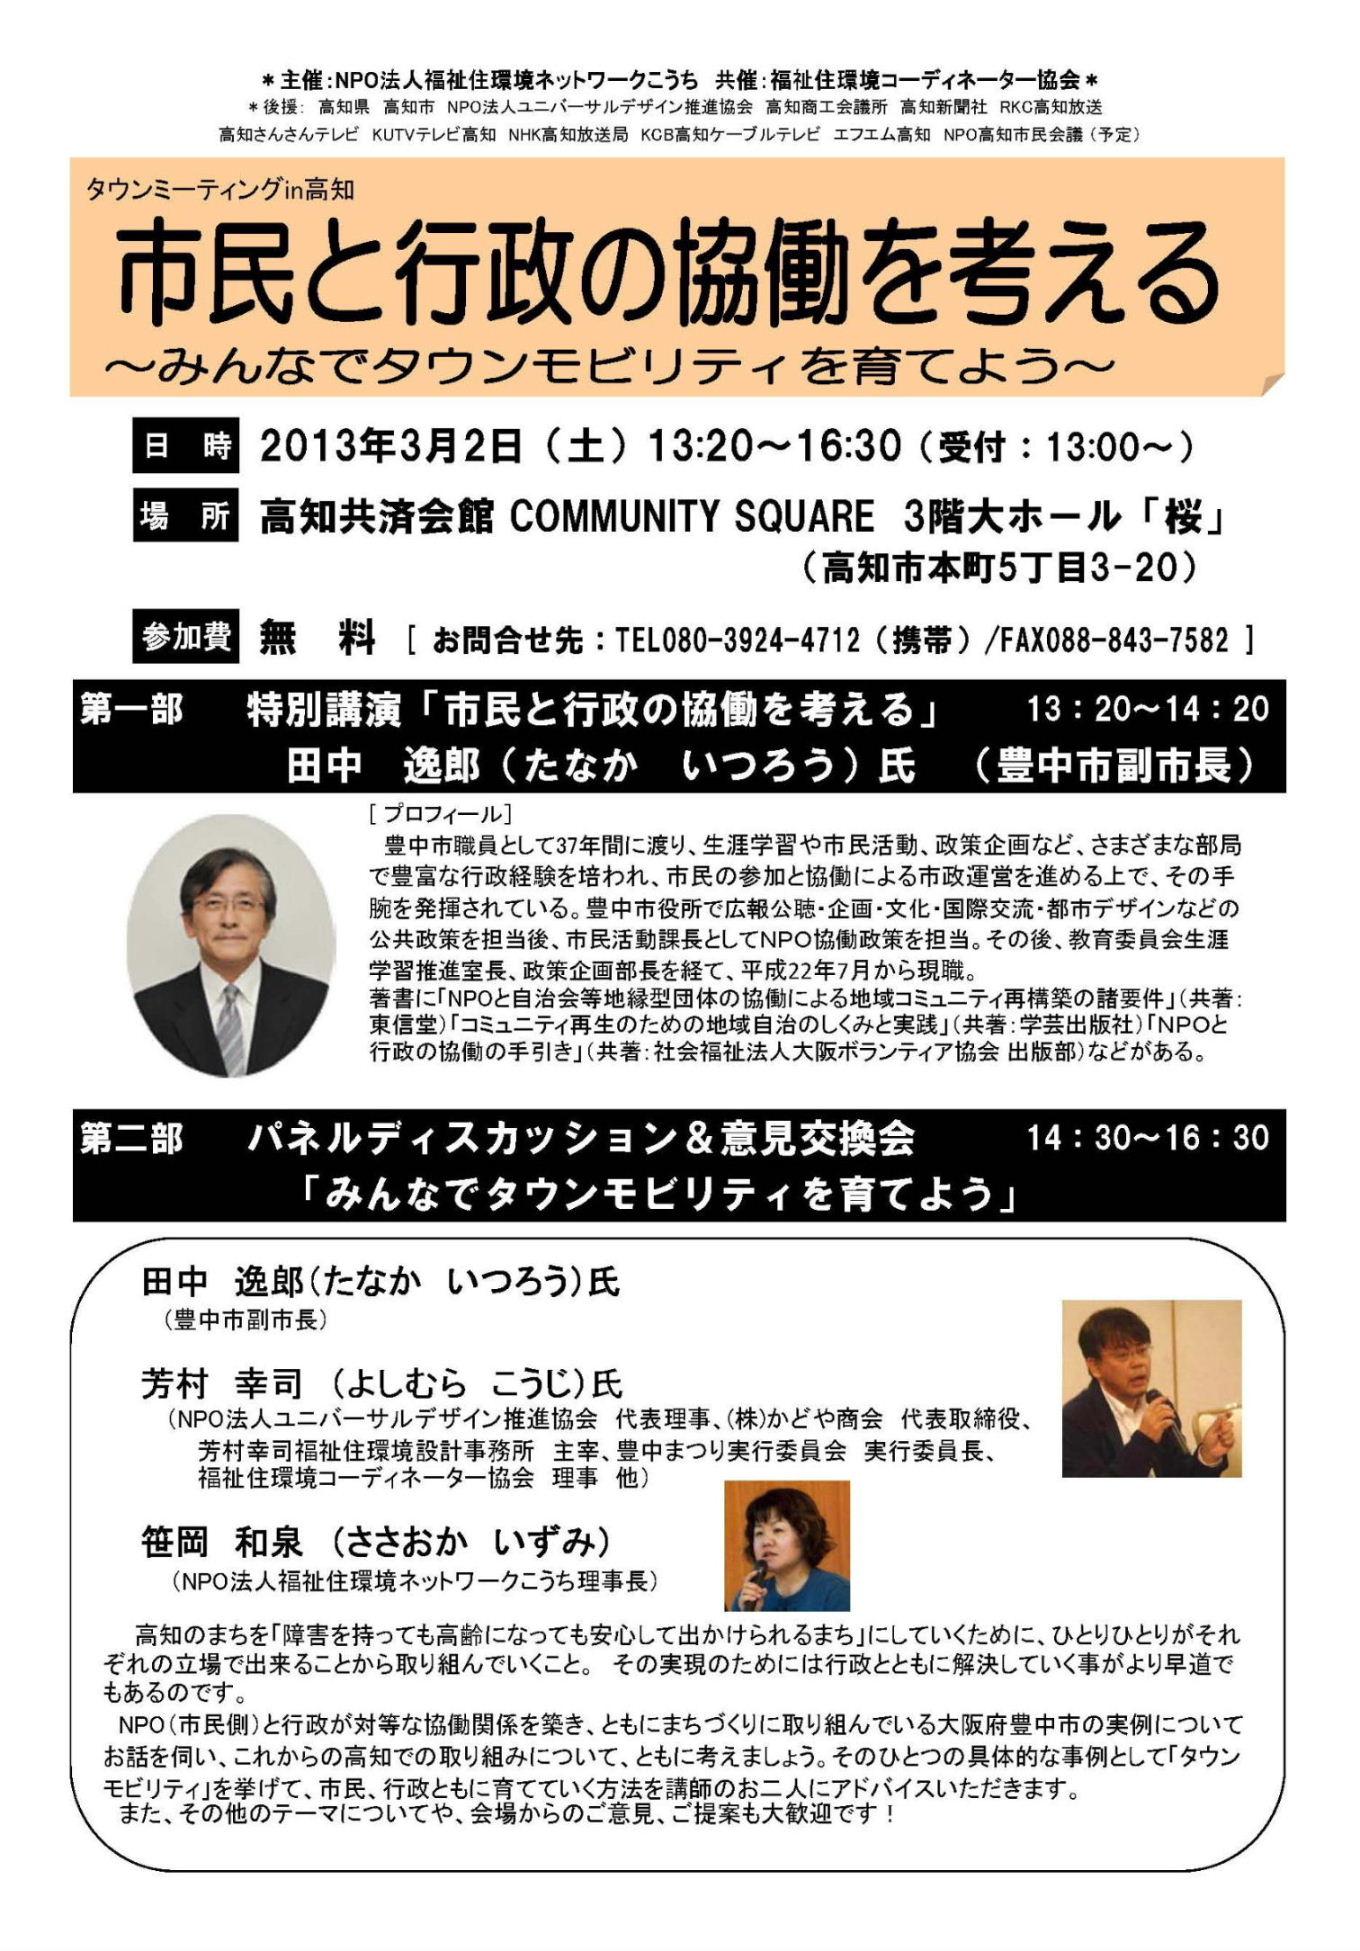 2013TM ちらしページ_1